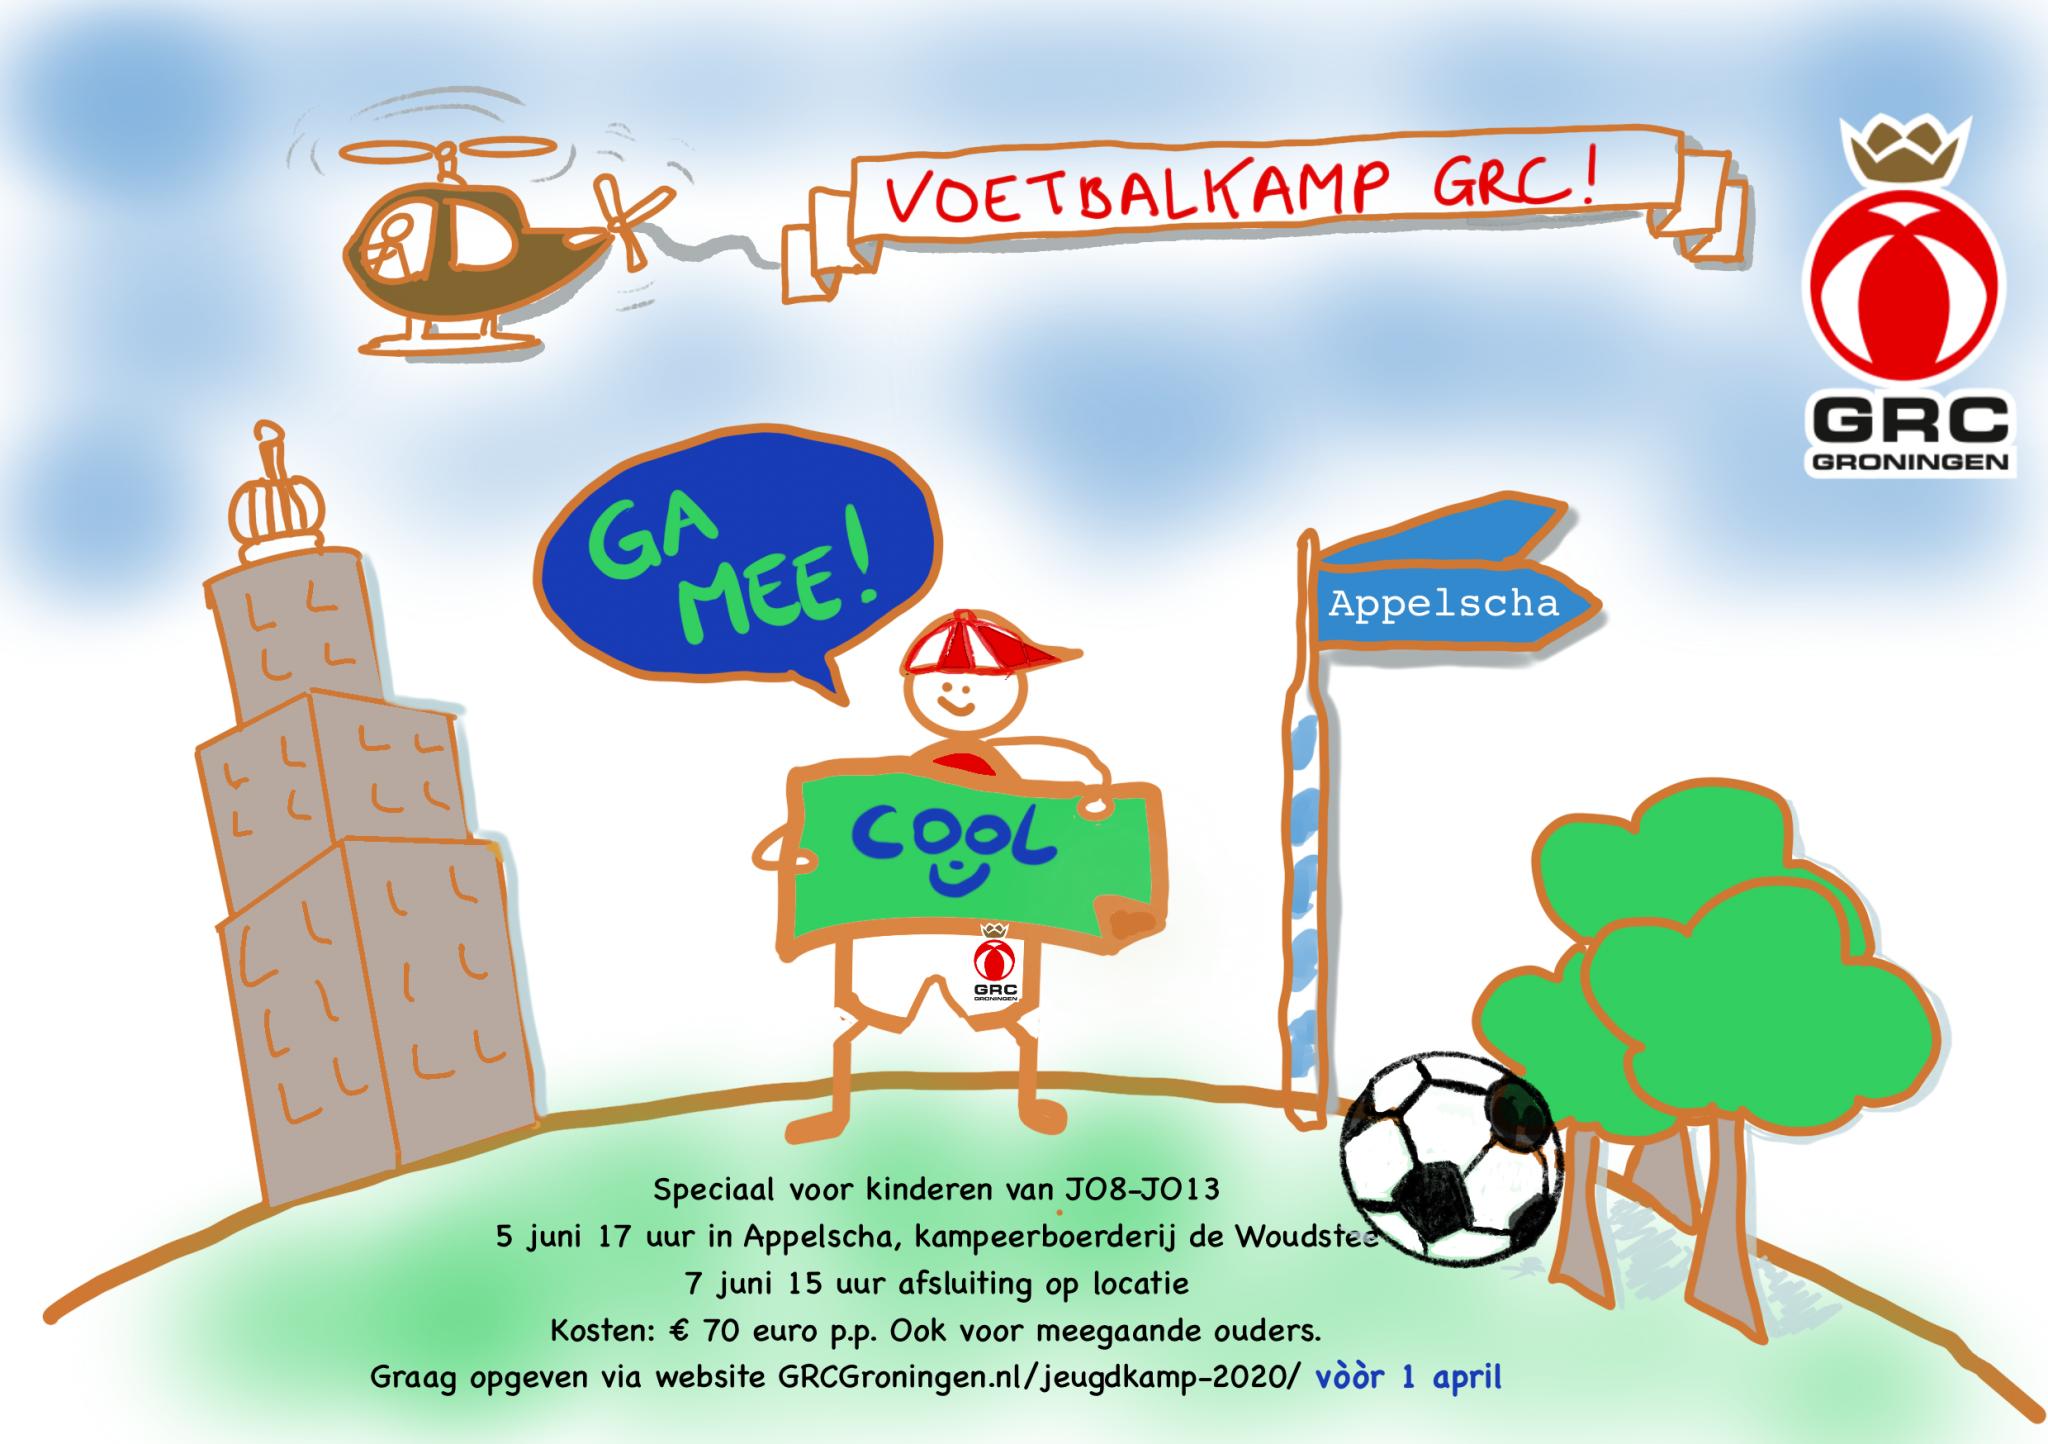 GRC voetbalkamp 2020